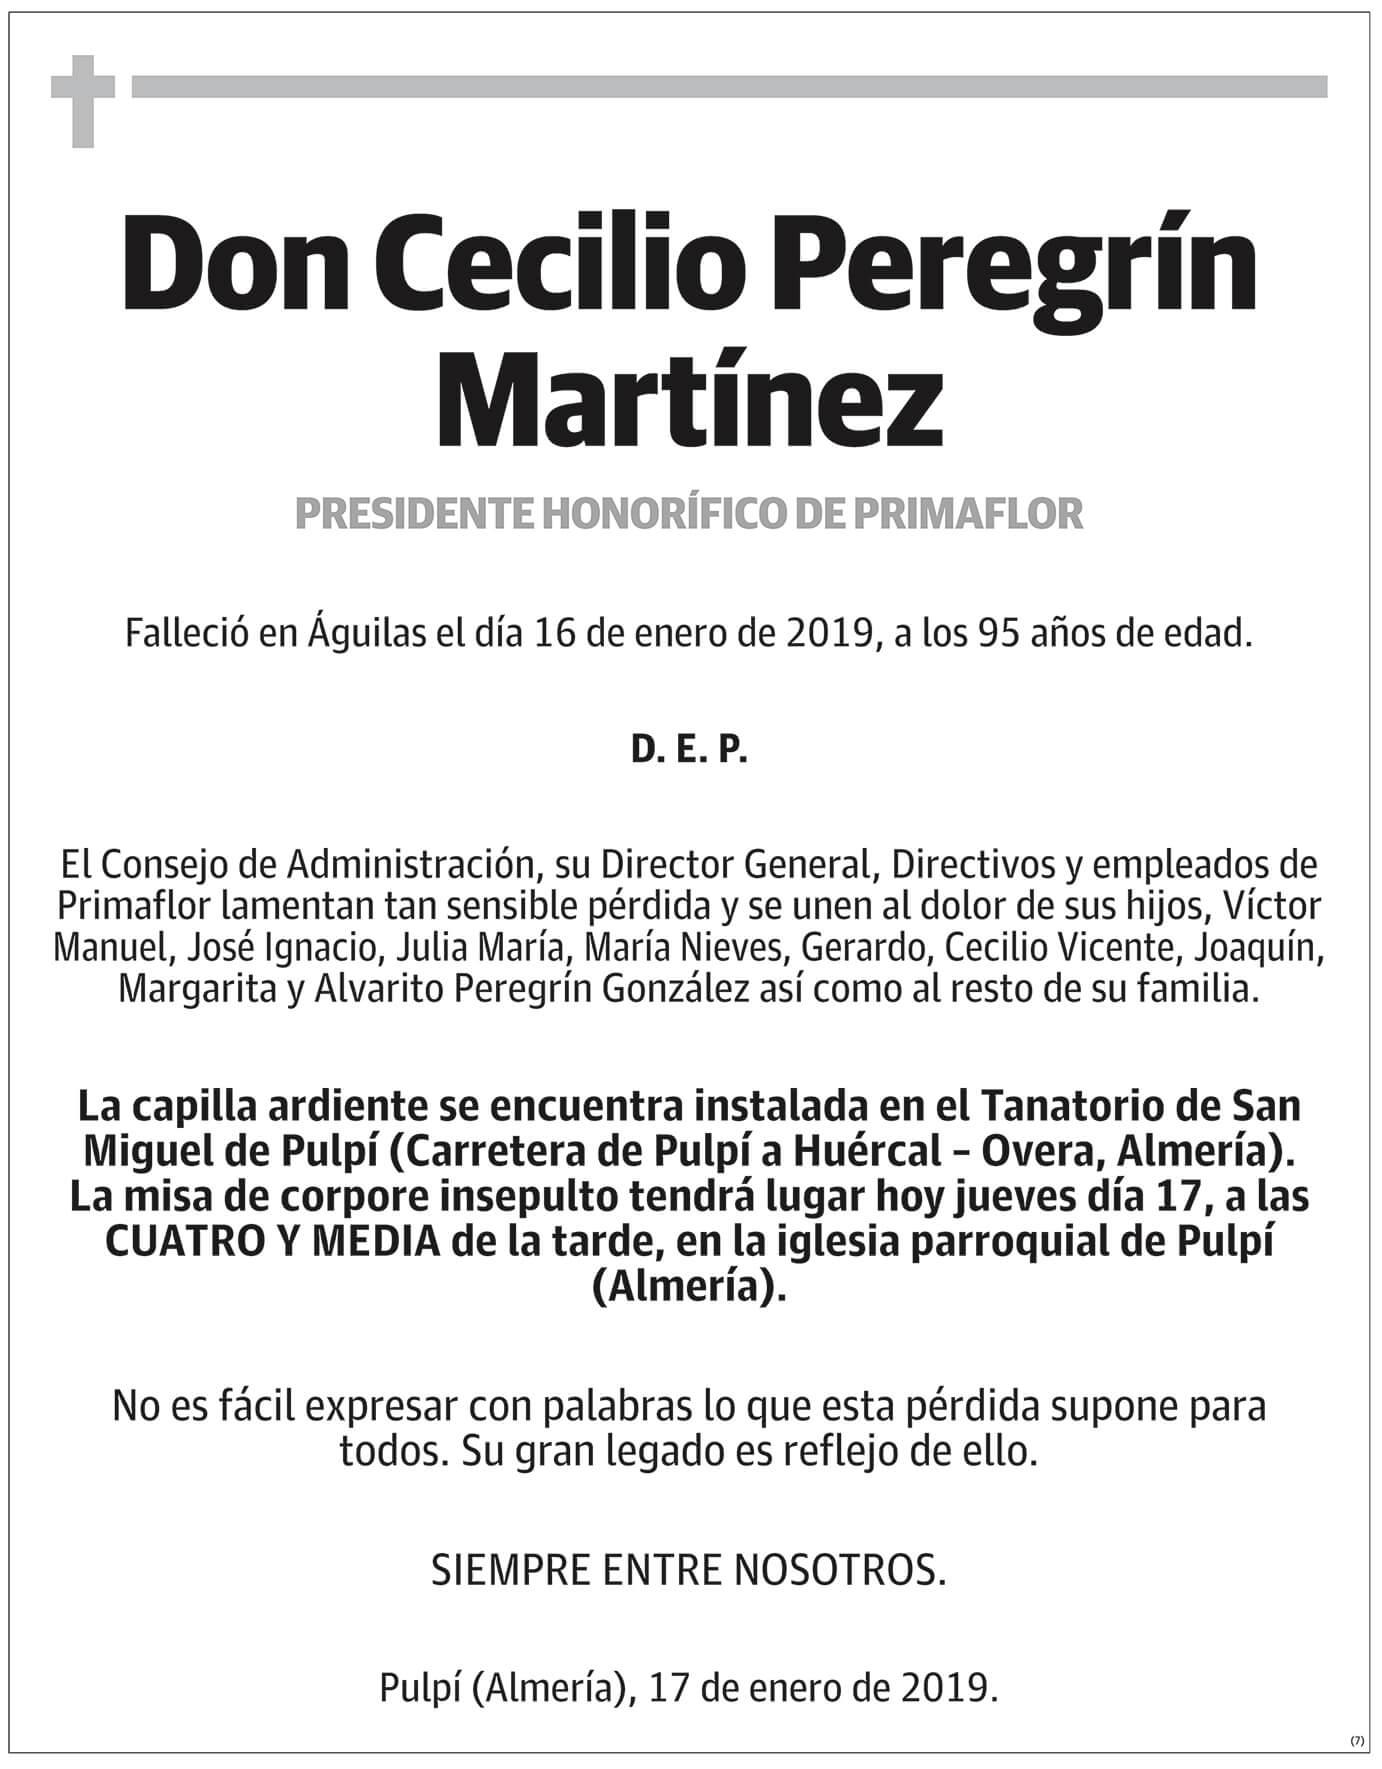 Cecilio Peregrín Martínez